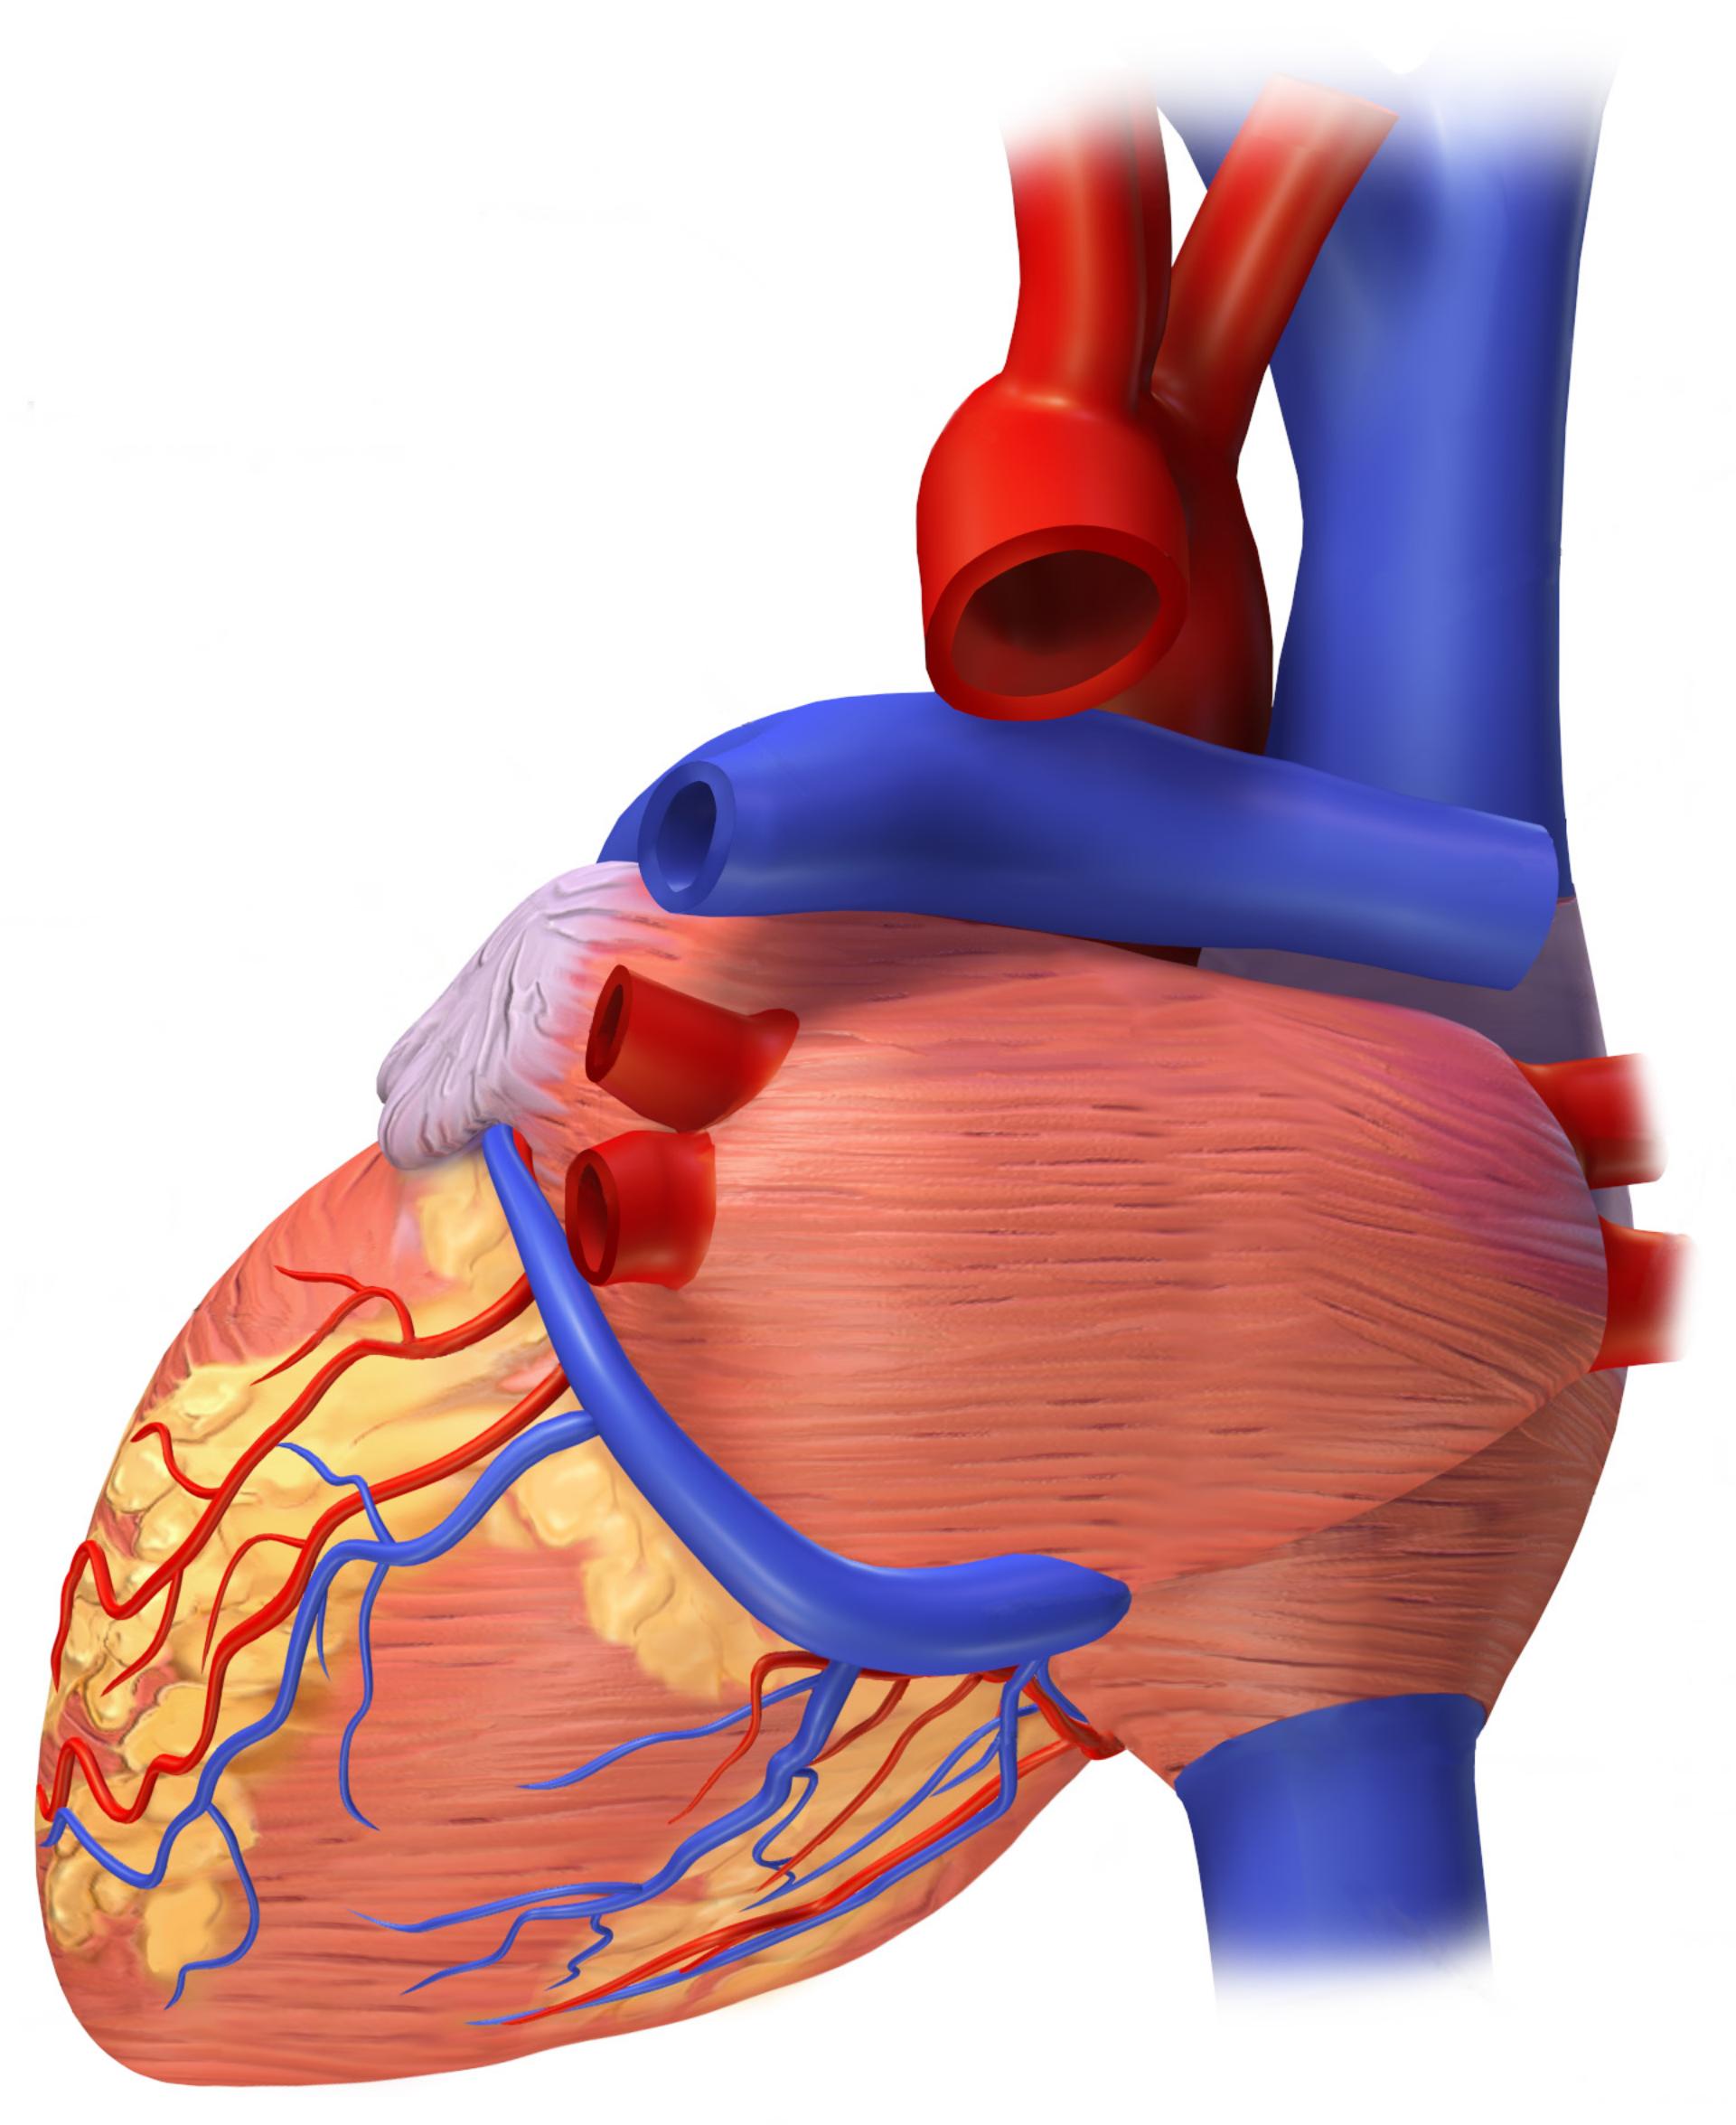 Filerear View Of A Human Heart Vista Posterior De Un Corazón